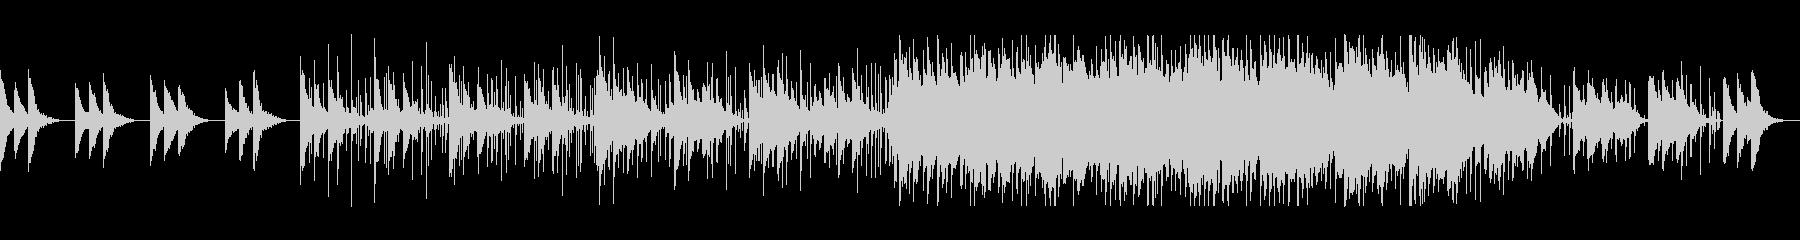 涼しげ可愛いシンセサイザーサウンドの未再生の波形